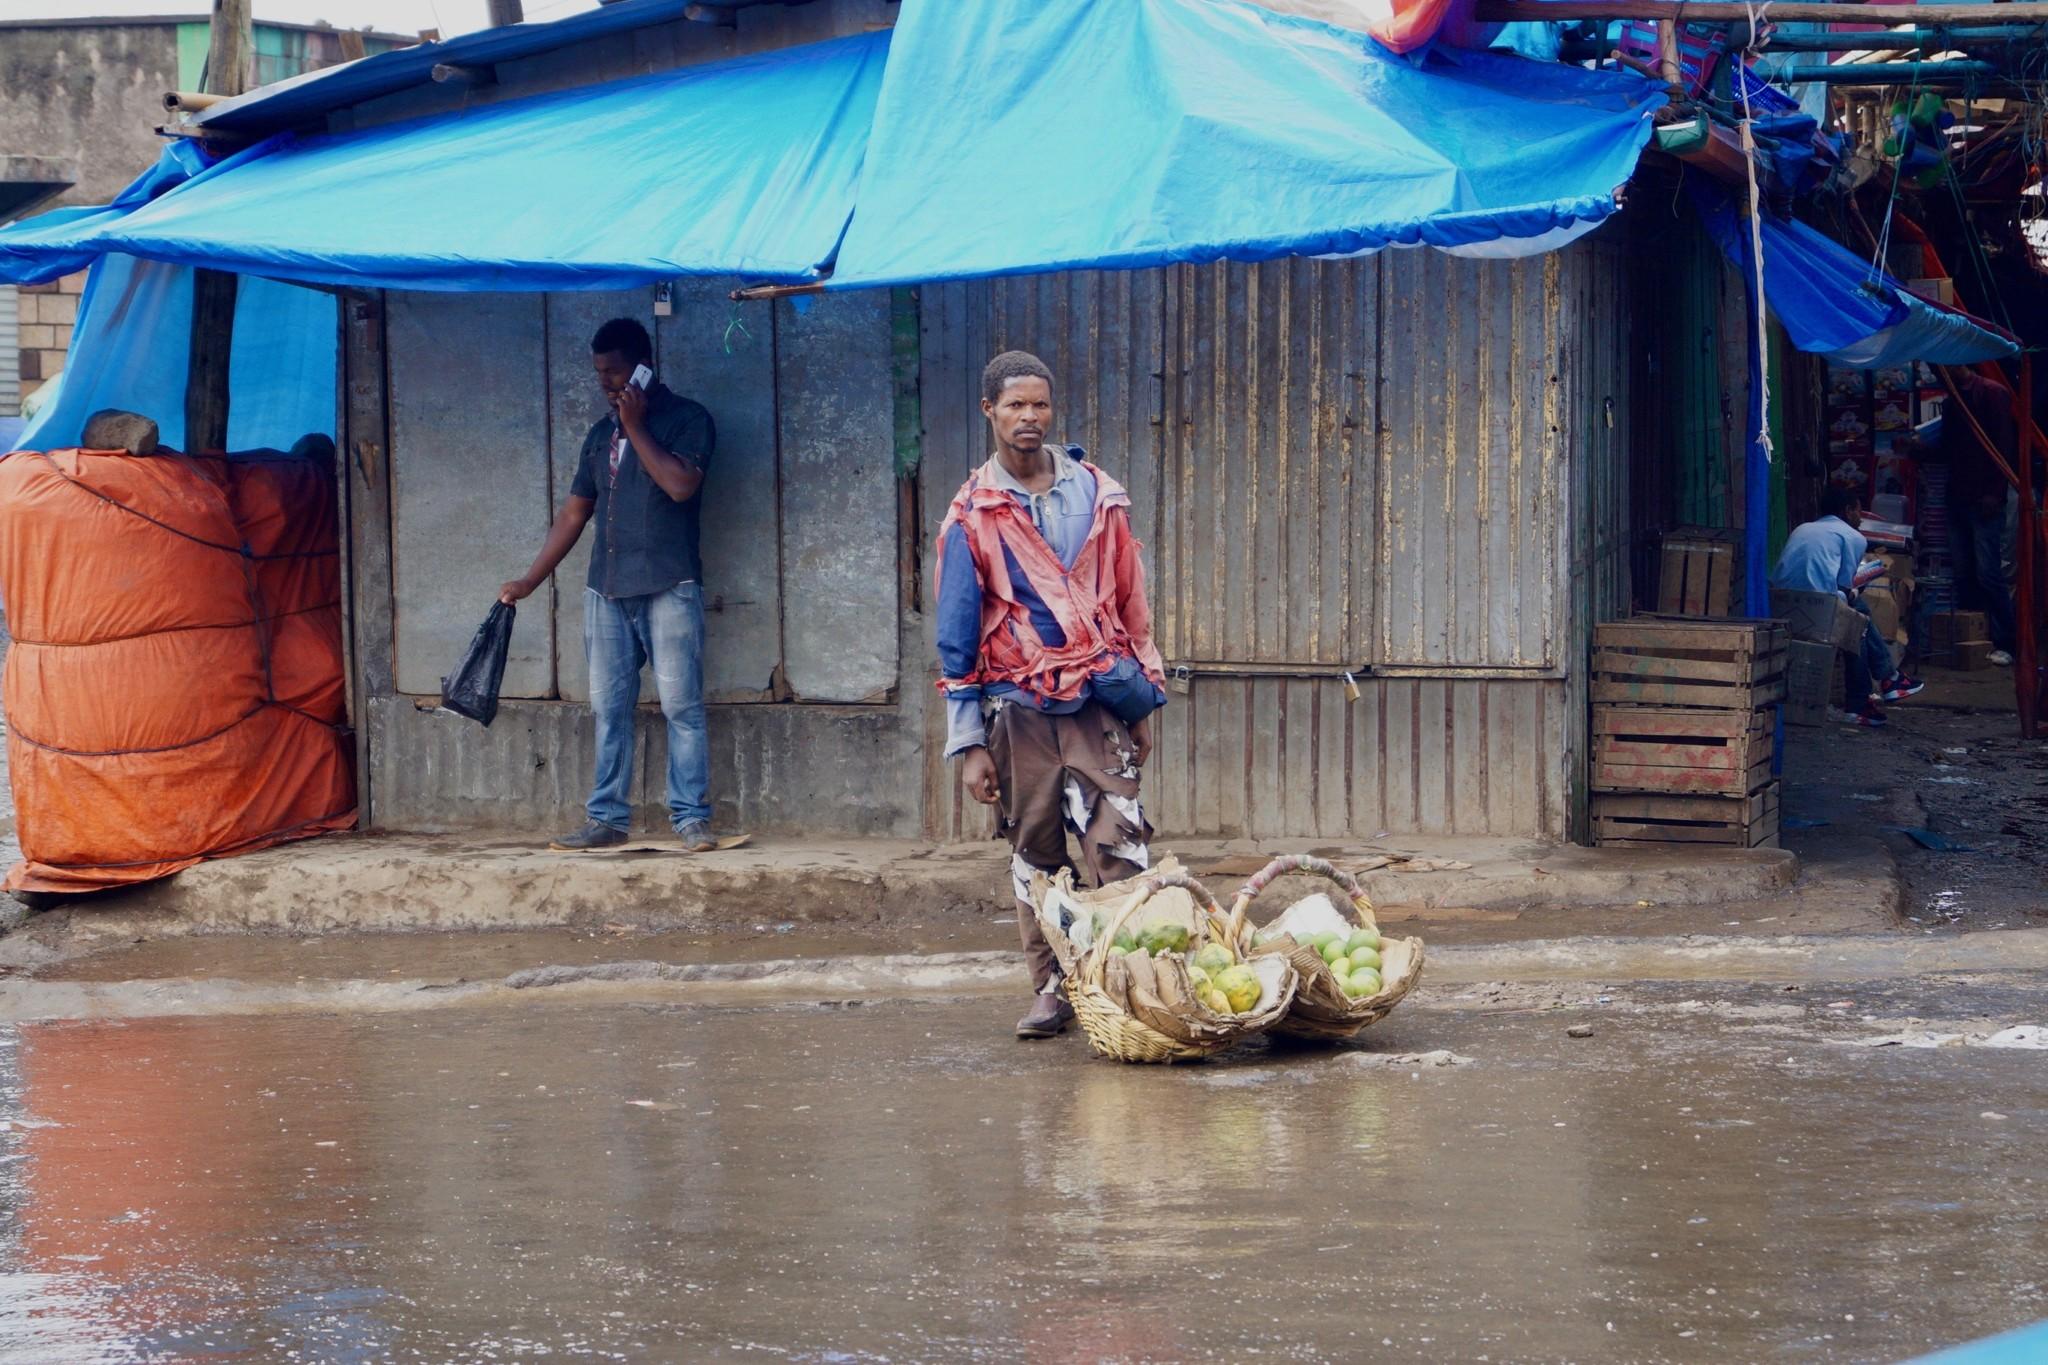 Der Markt von Addis Abeba in Äthiopien ist der größte Markt der Welt